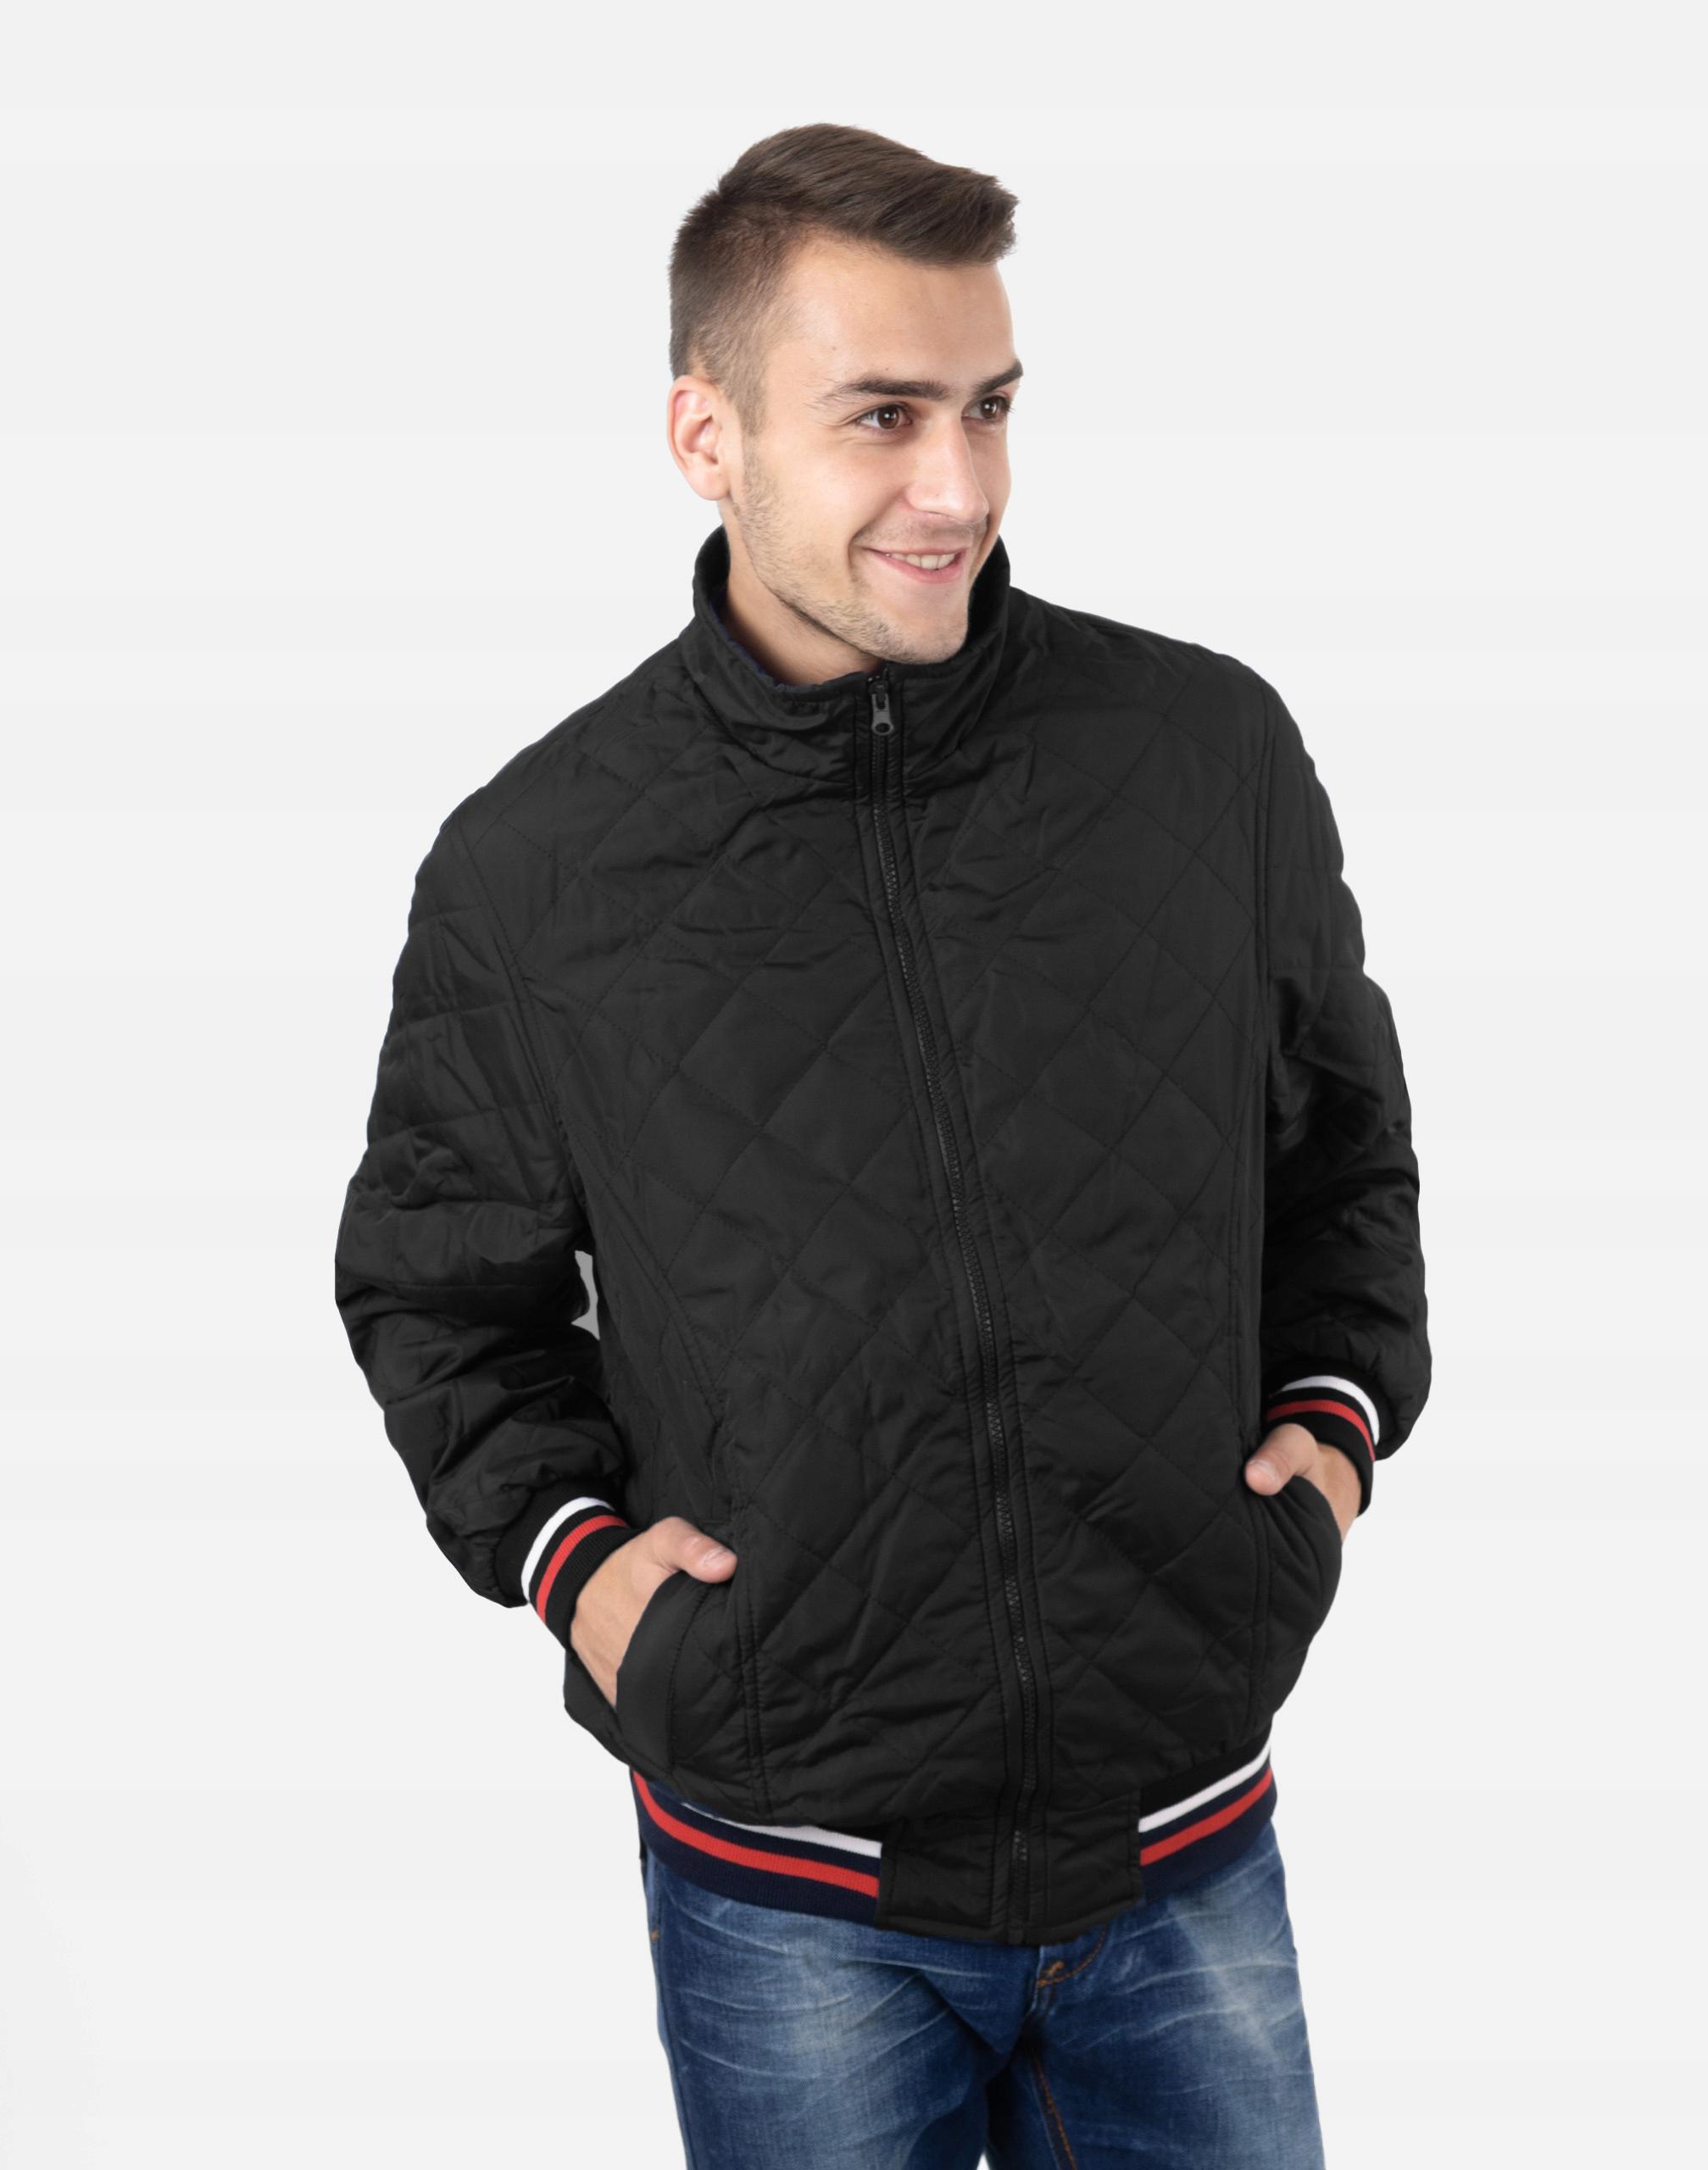 d3774a2f137 Купить Куртка Мужская Зимняя Мягкий JRX10 года 6XL черный на Otpravka -  цены и фото -